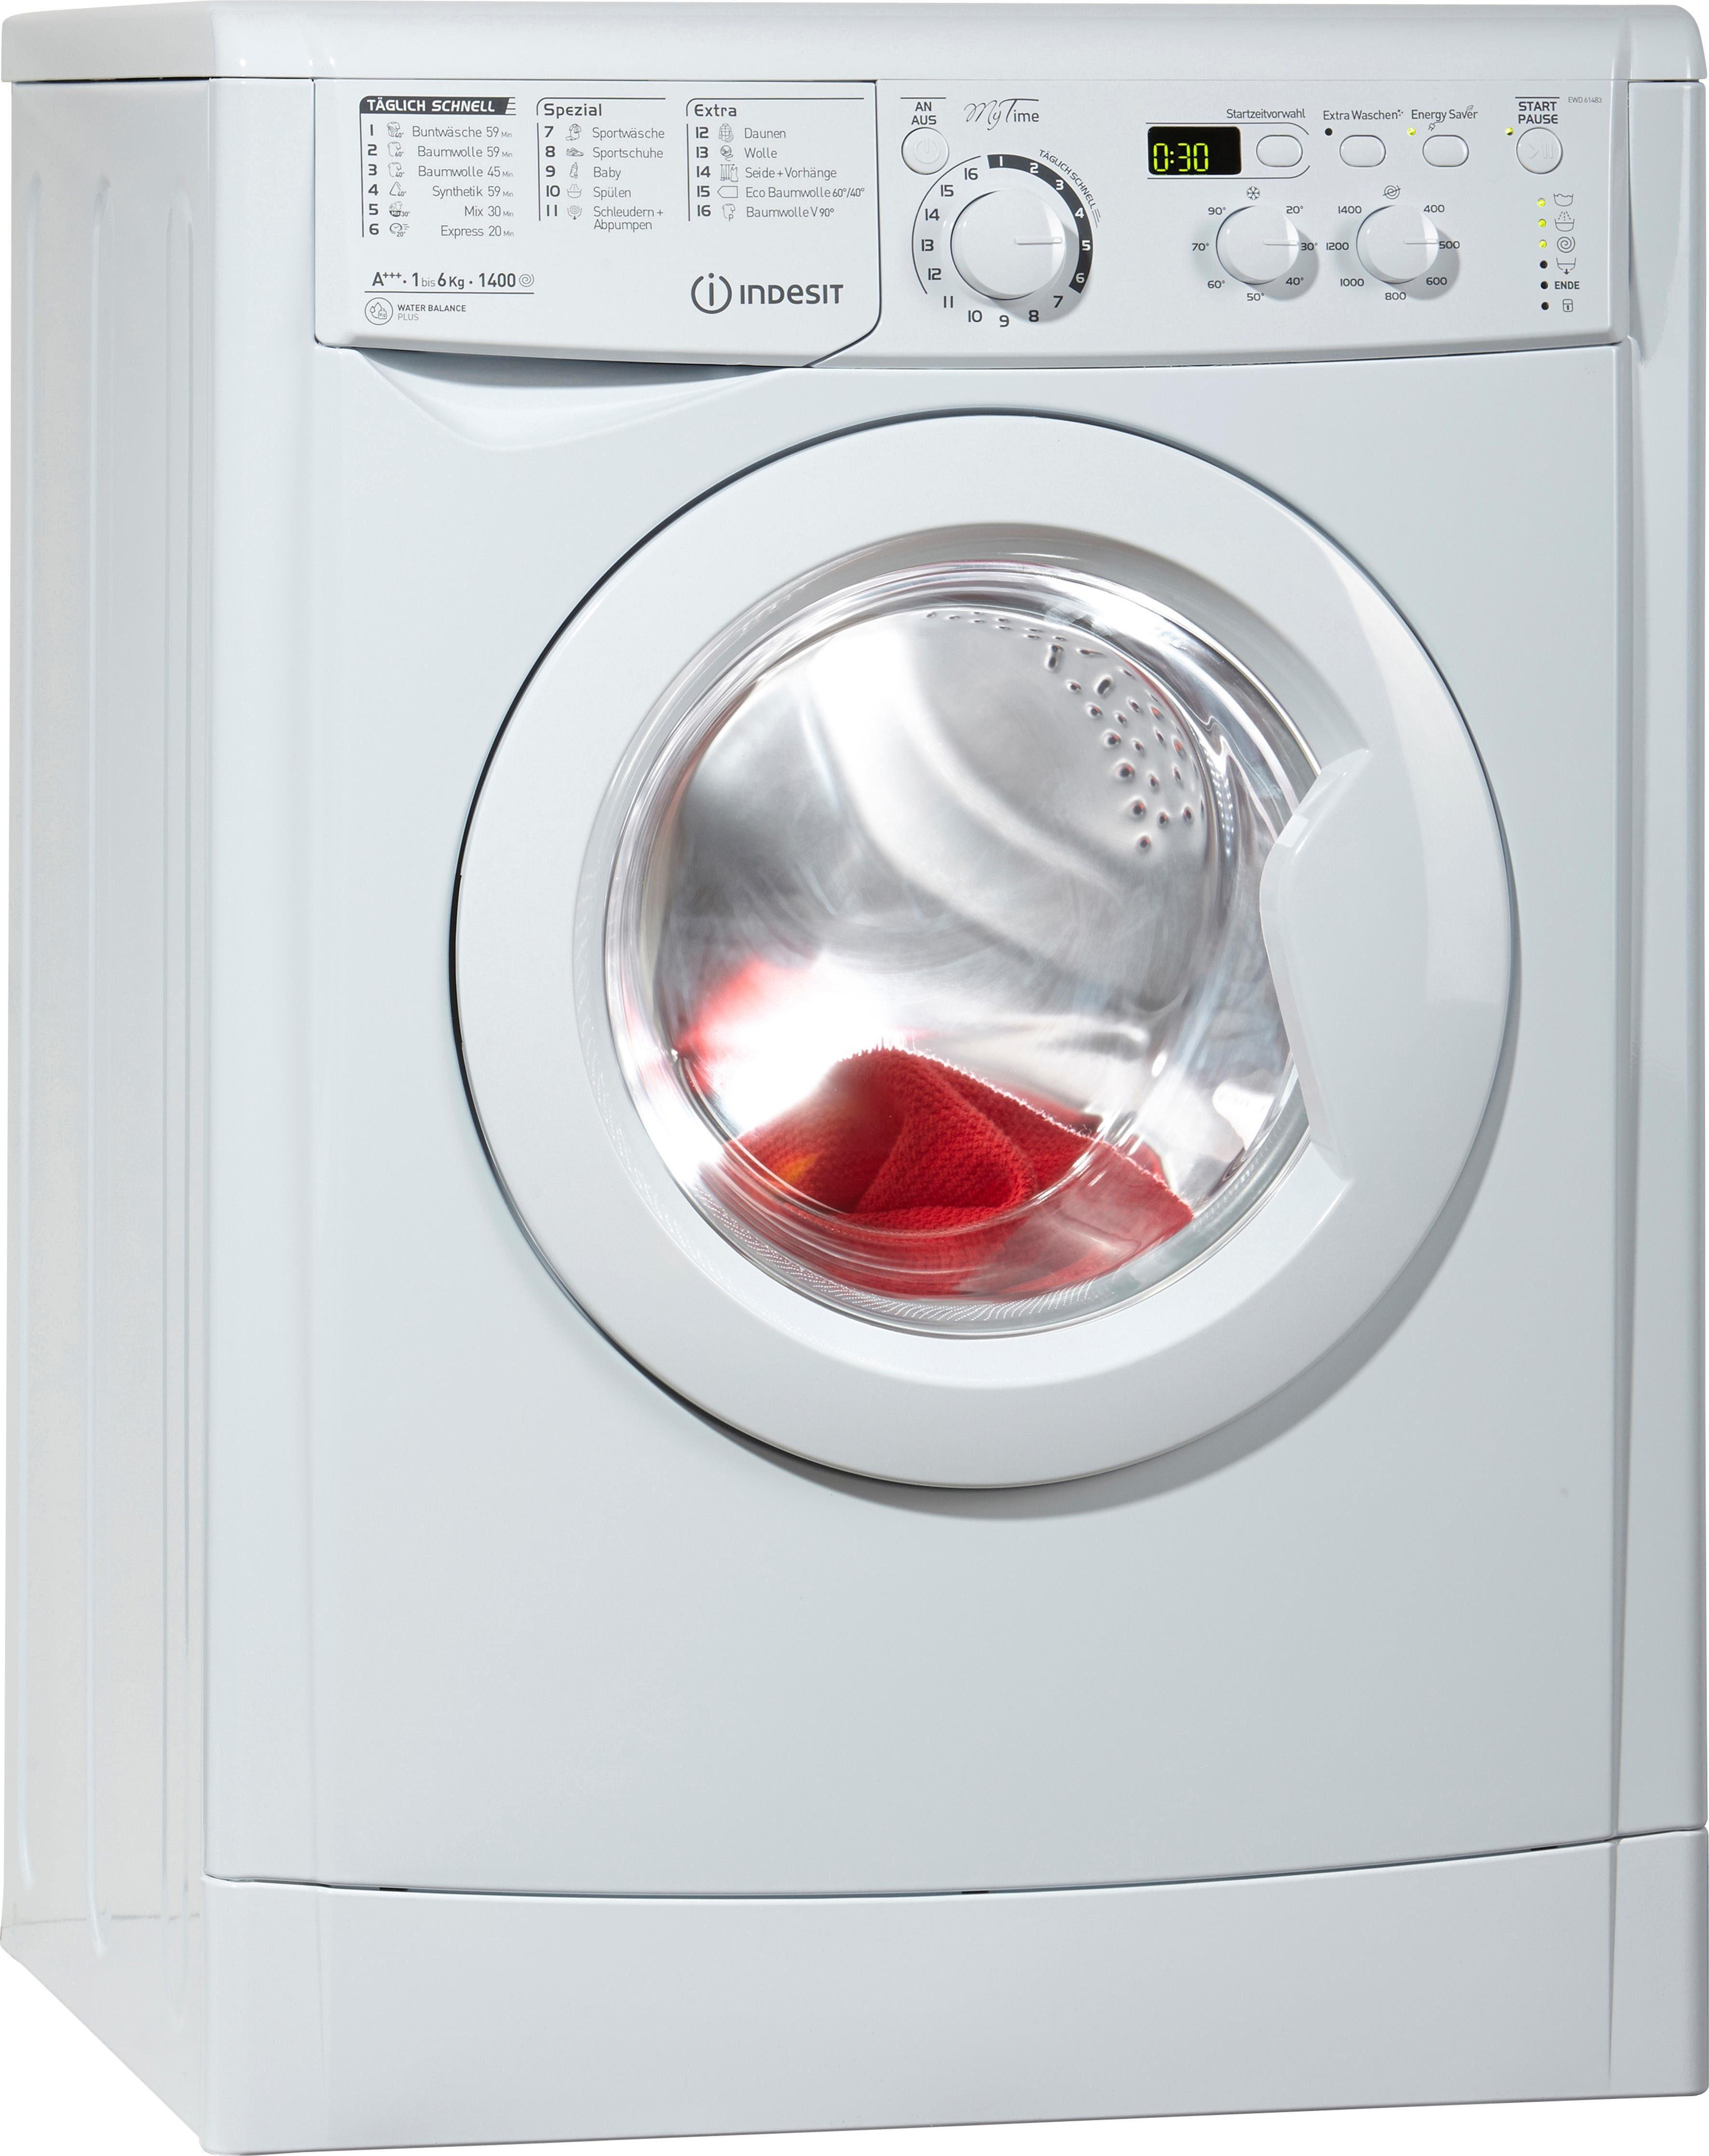 Indesit Waschmaschine EWD 61483 W DE | Bad > Waschmaschinen und Trockner > Frontlader | Indesit